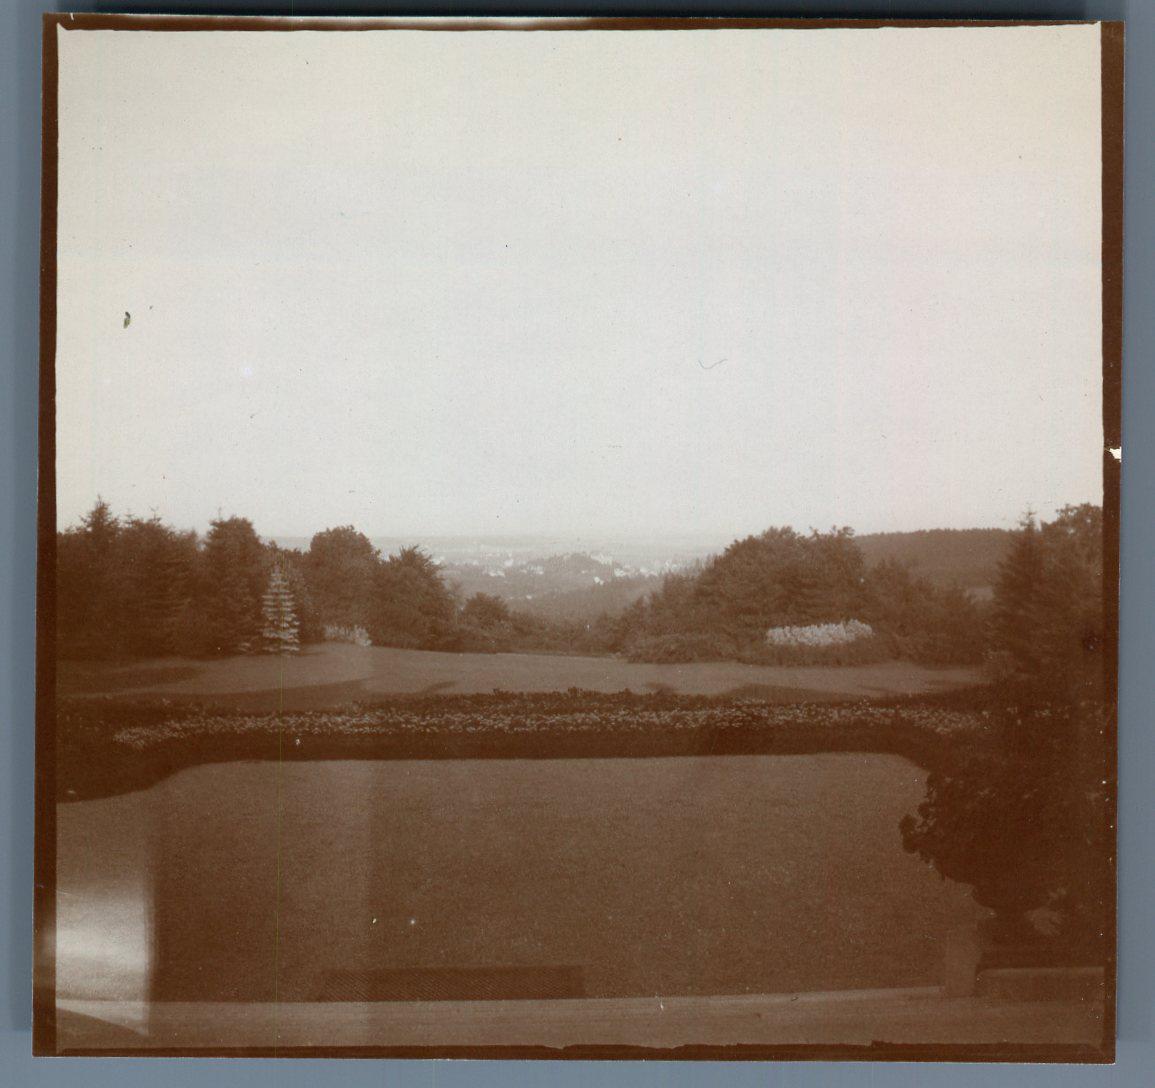 Deutschland Konigstein Im Taunus Villa Rothschild Garten Photographie Originale